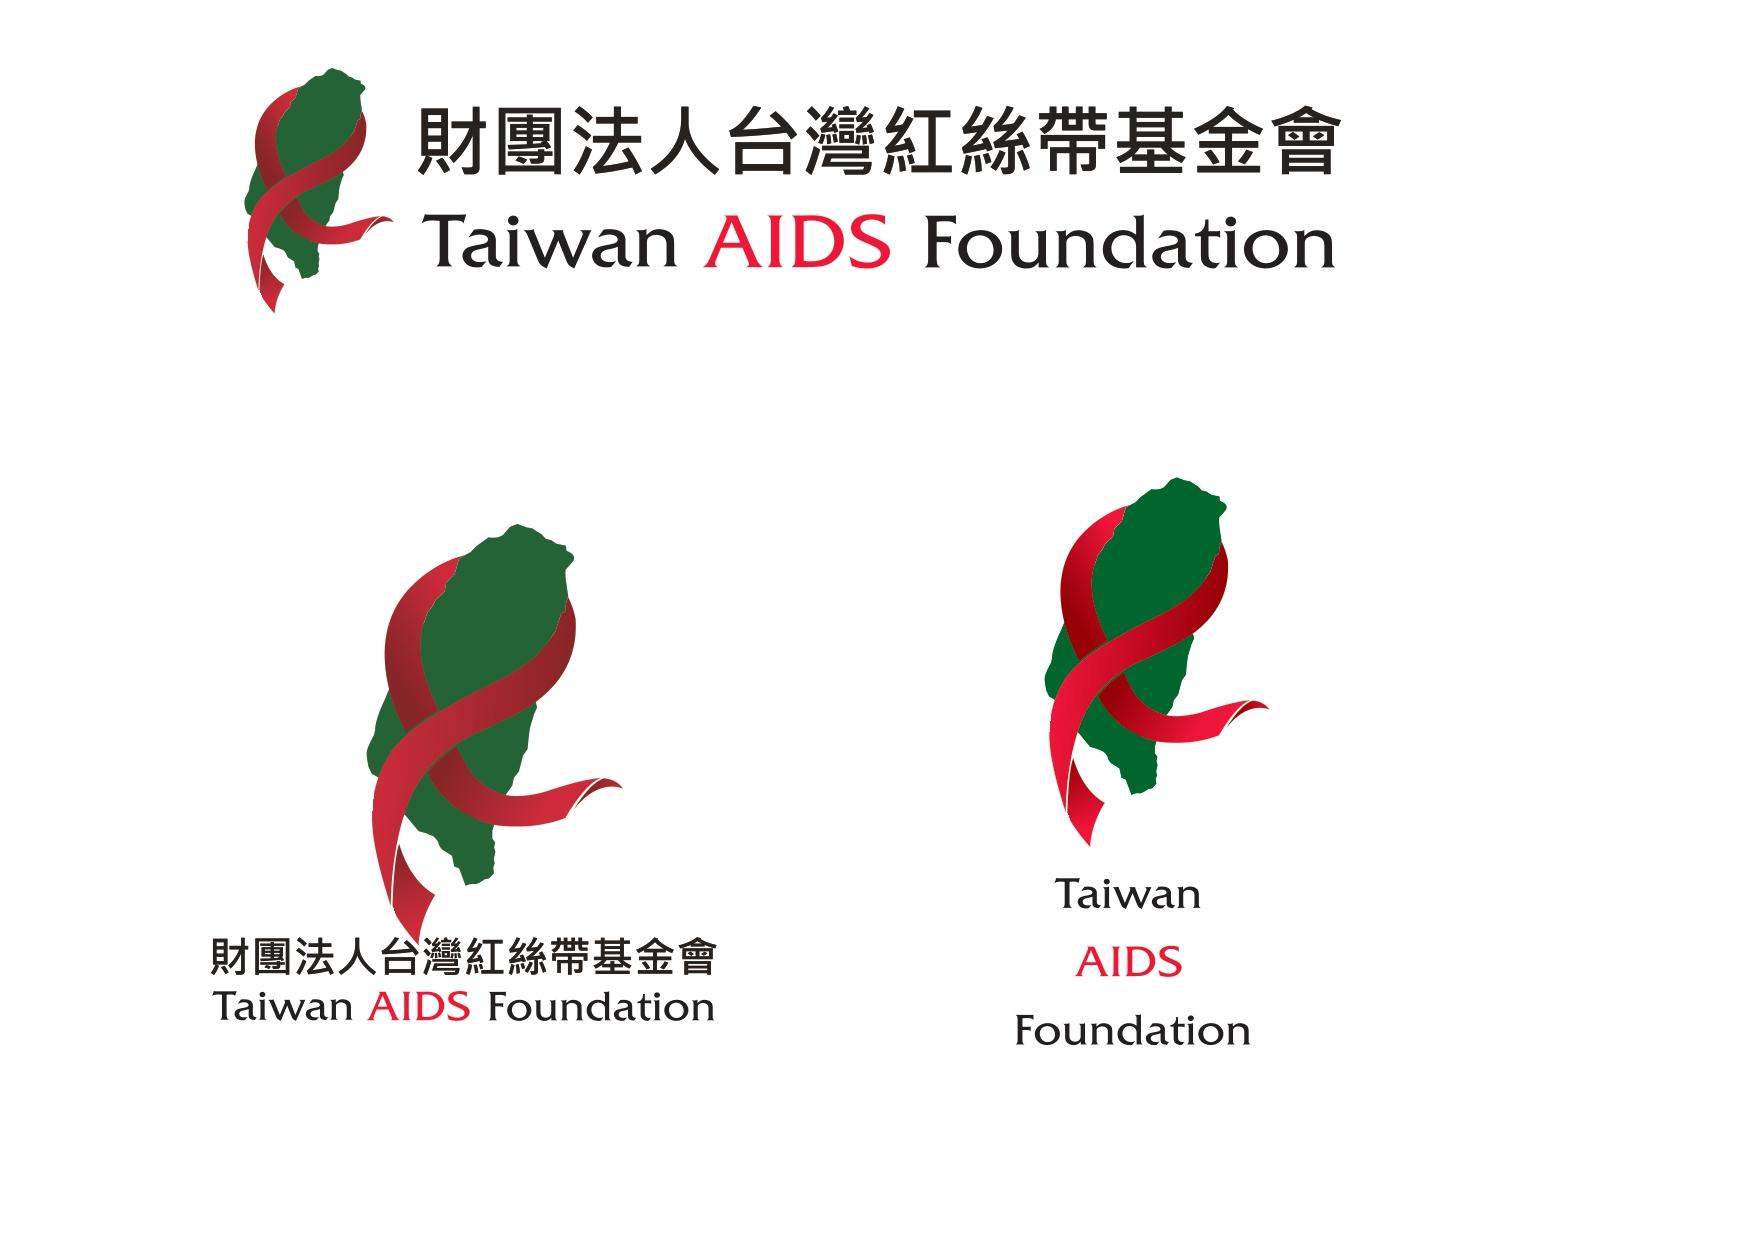 「46664」兒童及青少年愛滋防治教育慈善關懷計畫